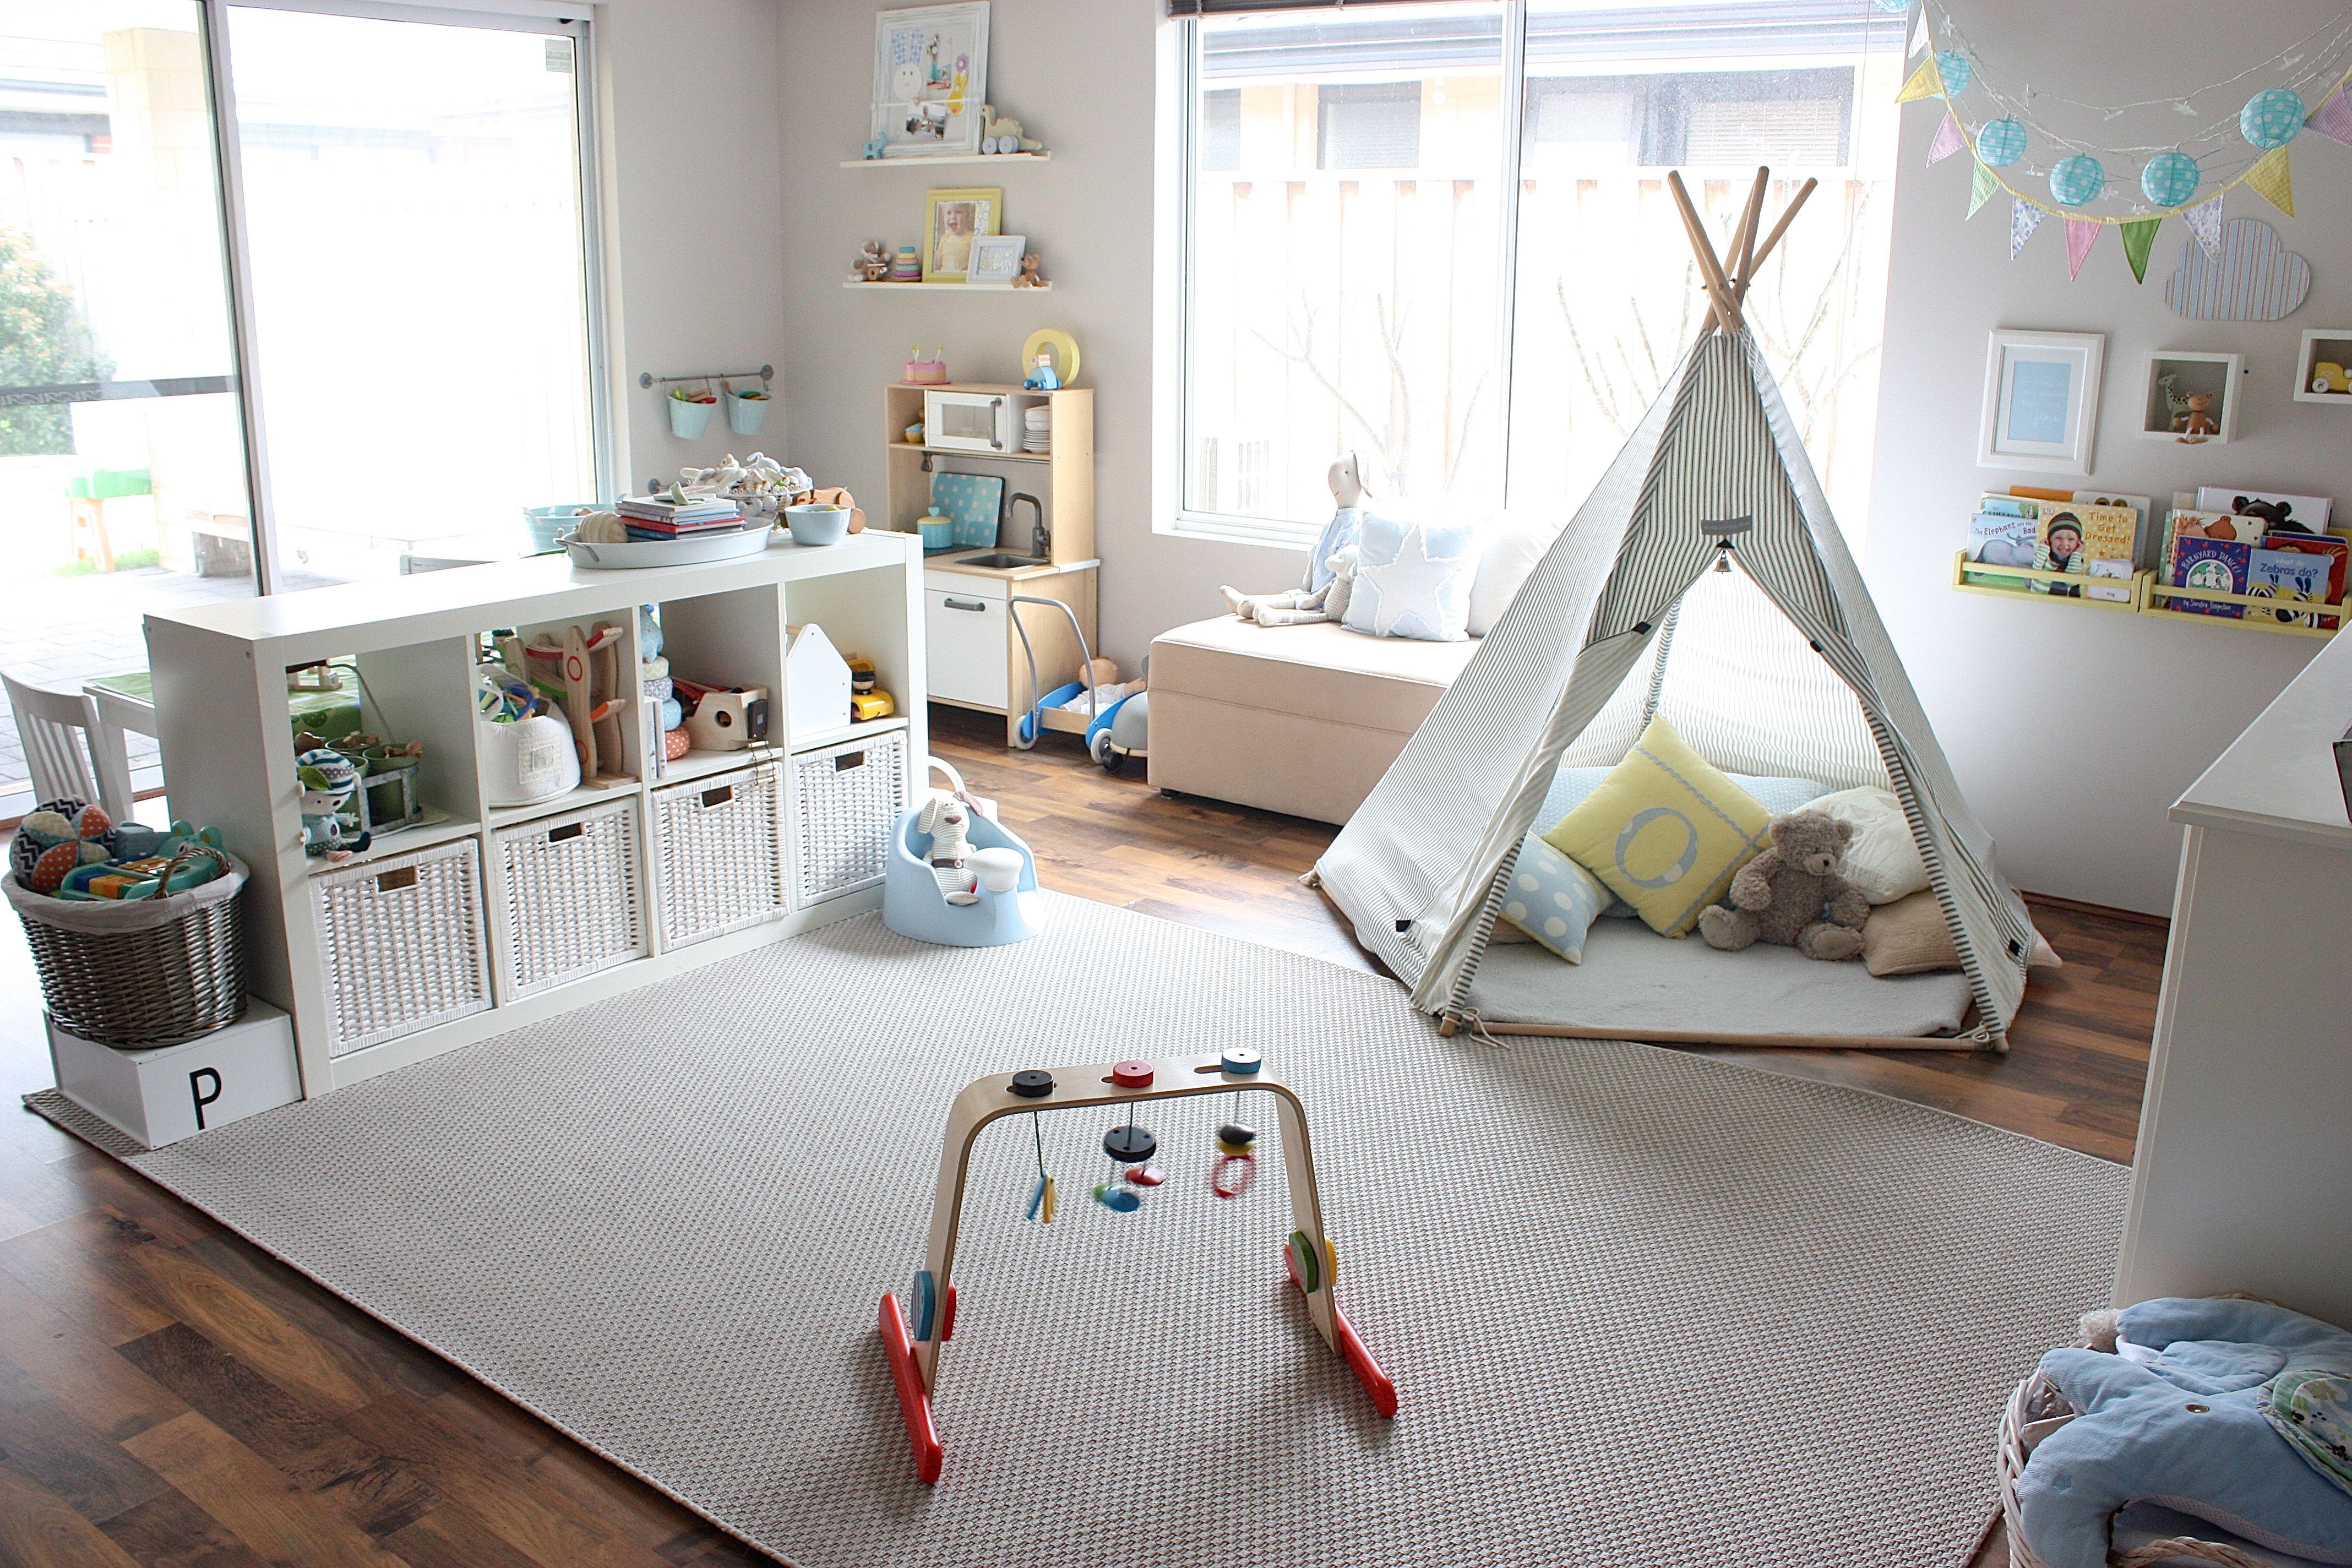 O quarto de brincar juego habitaci n infantil y infantiles - Decorar habitacion de juegos para ninos ...